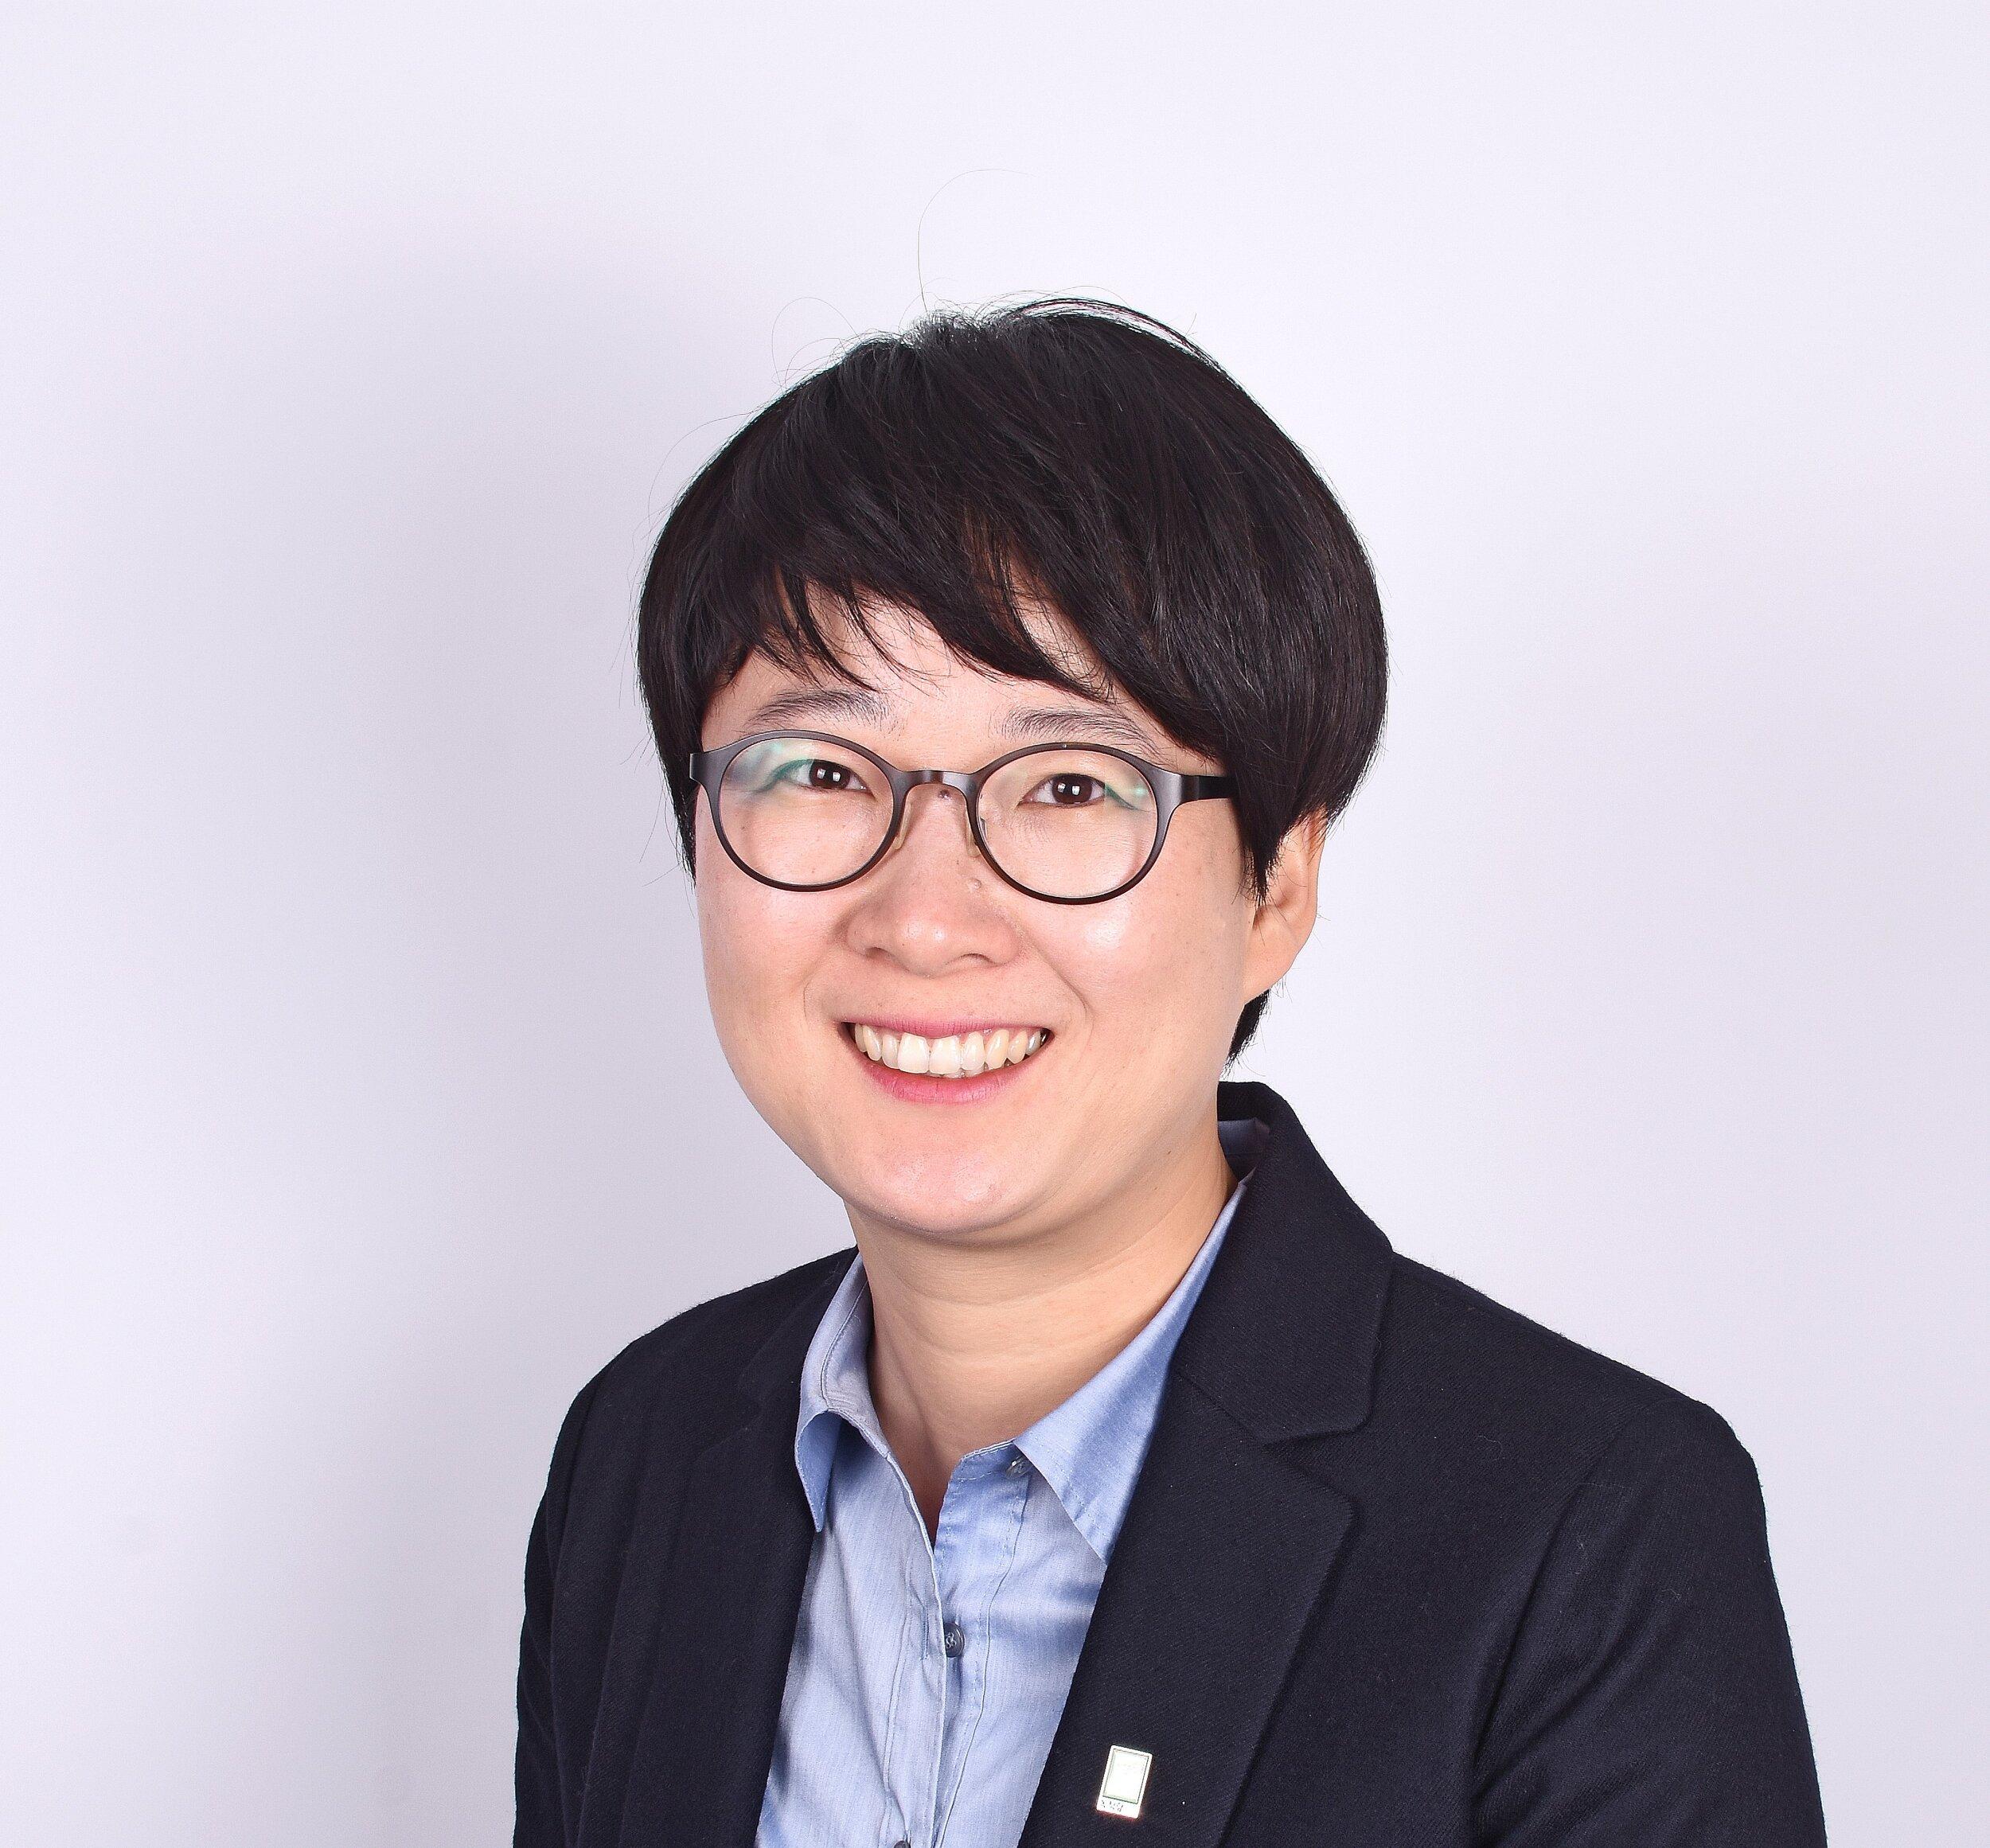 이유진 Lee Yujin   녹색전환연구소 연구원  Researcher of Green Transformation Institute